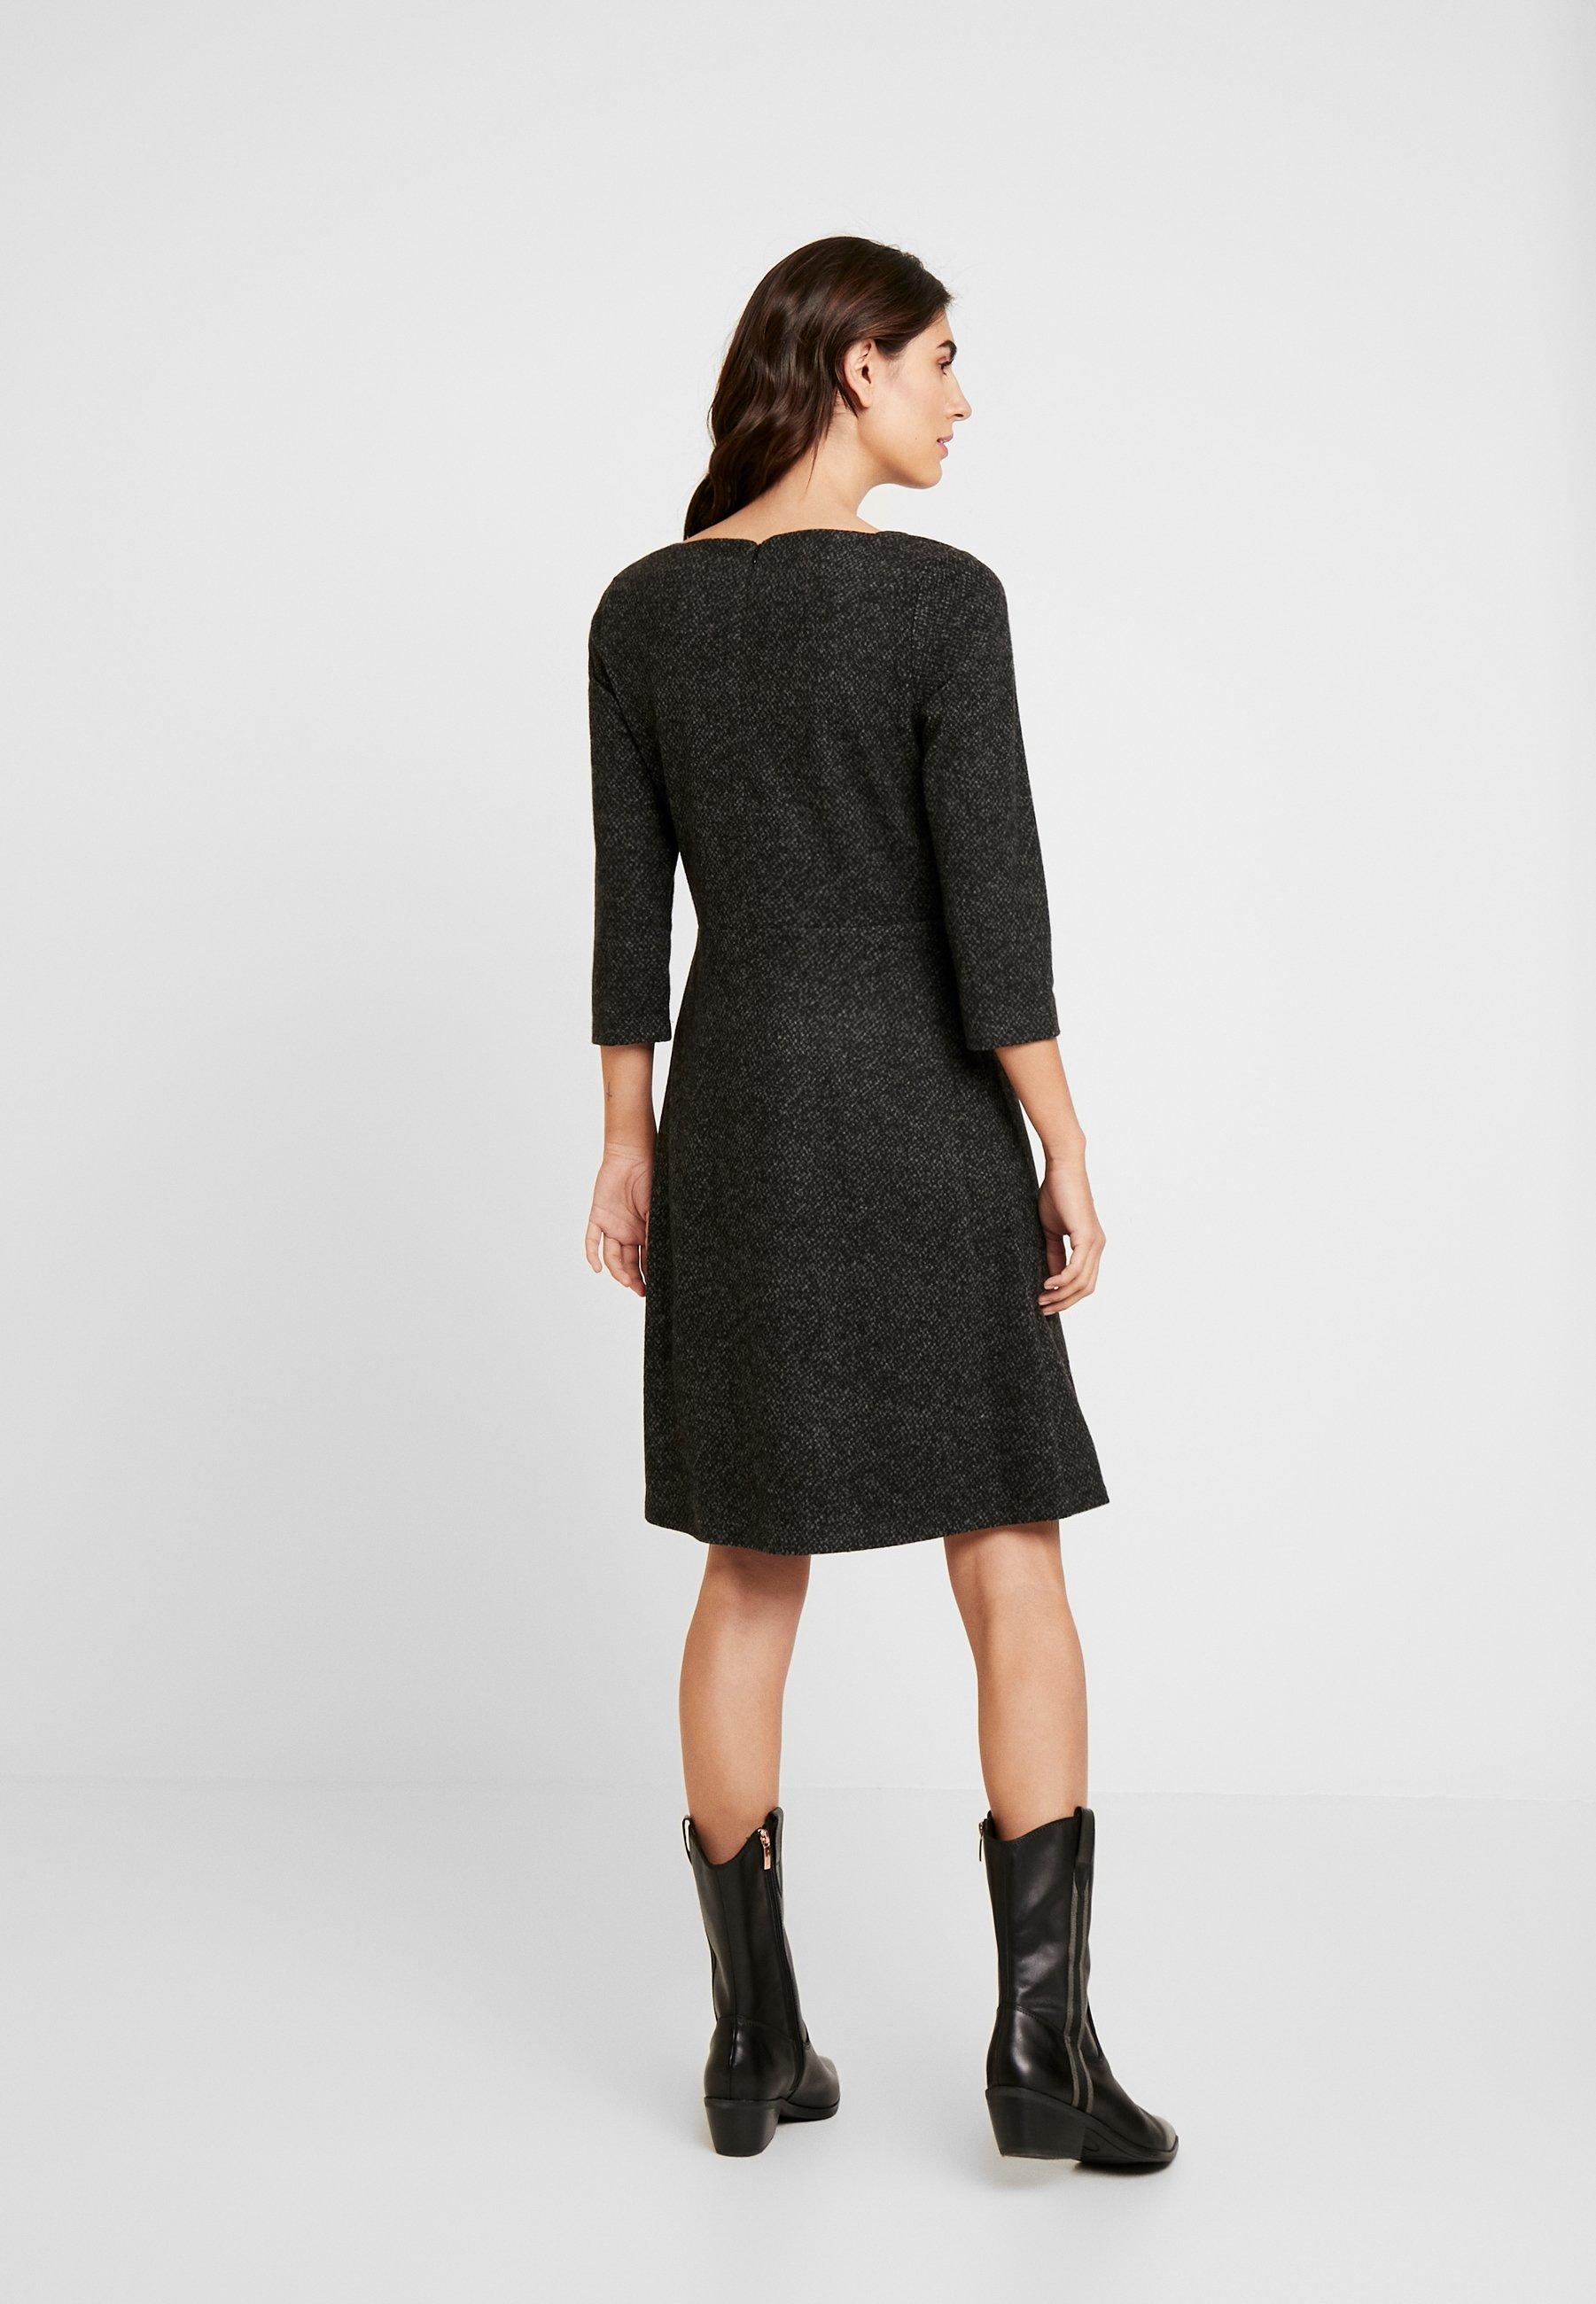 TOM TAILOR DRESS A-SHAPE SALT AND PEPPER - Fodralklänning - grey black